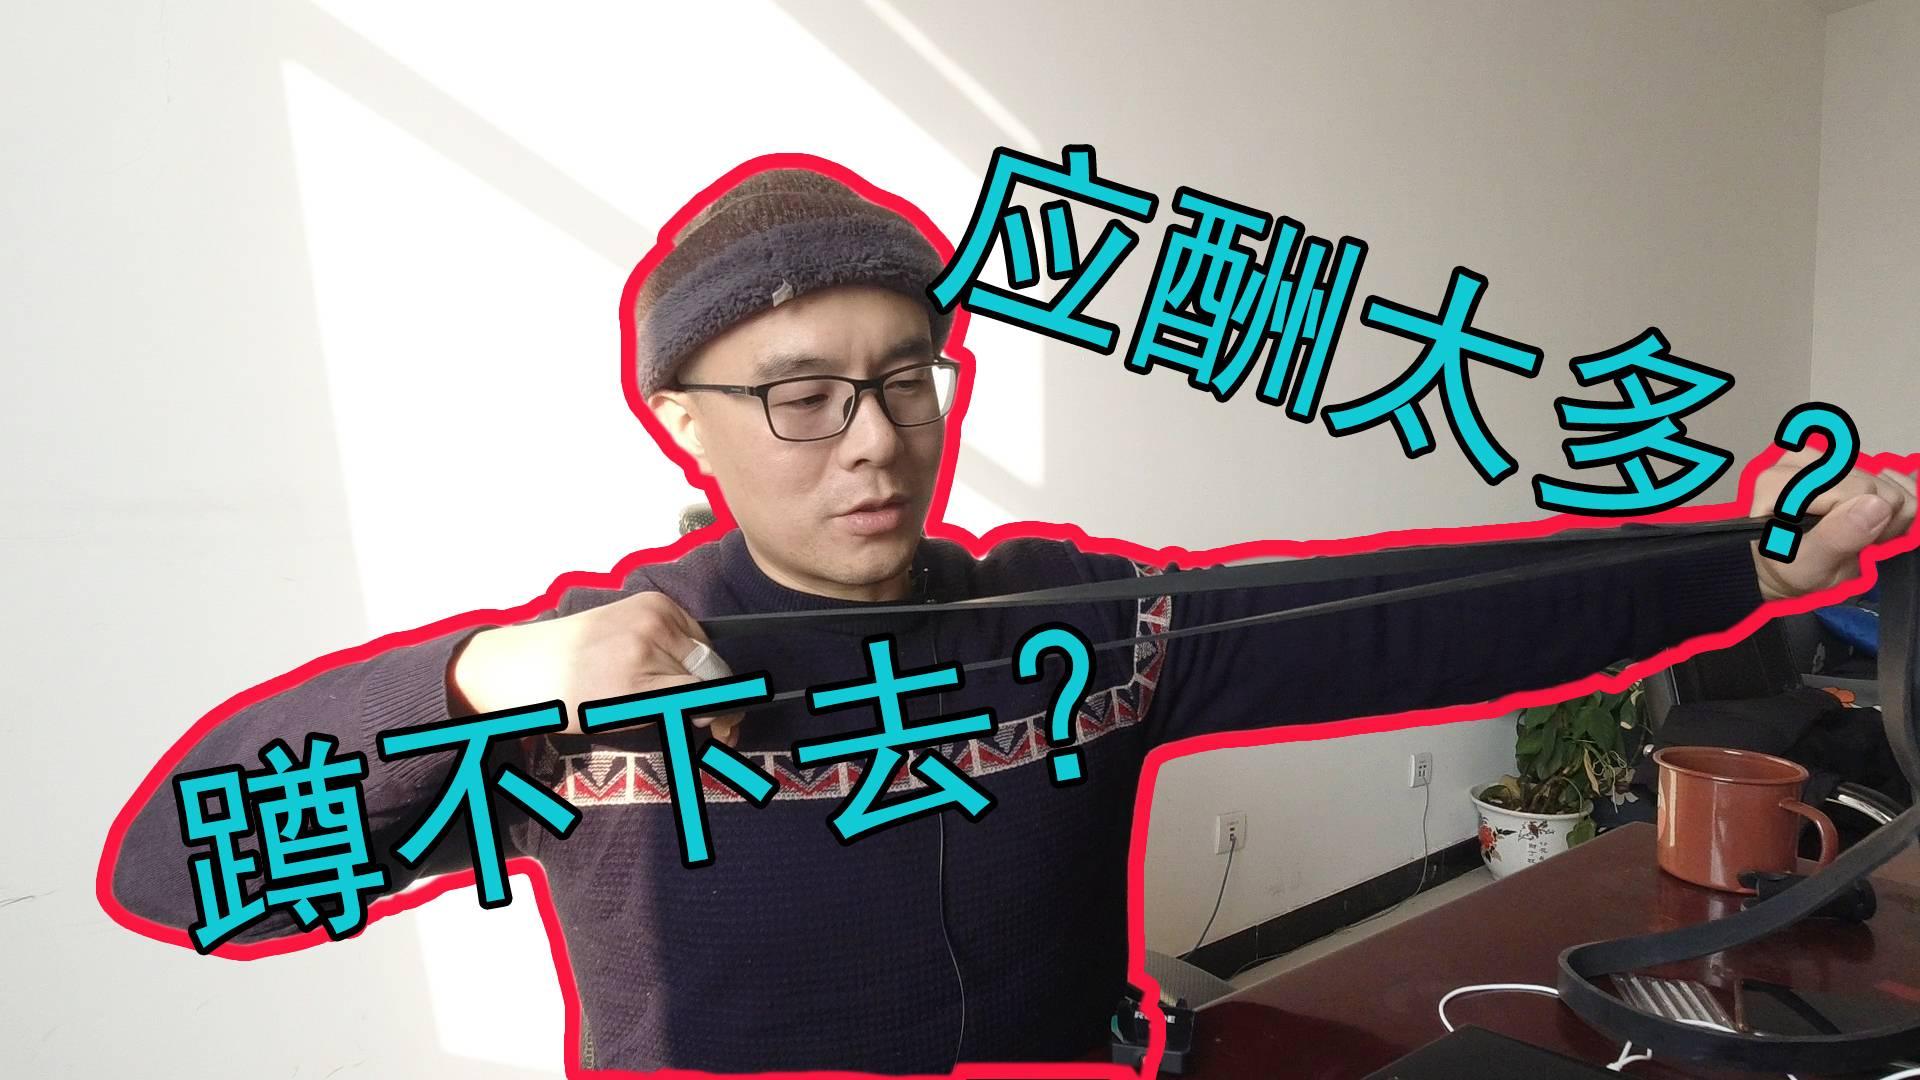 【老陈】『小剧场回归』史上最骚 健身答疑 !